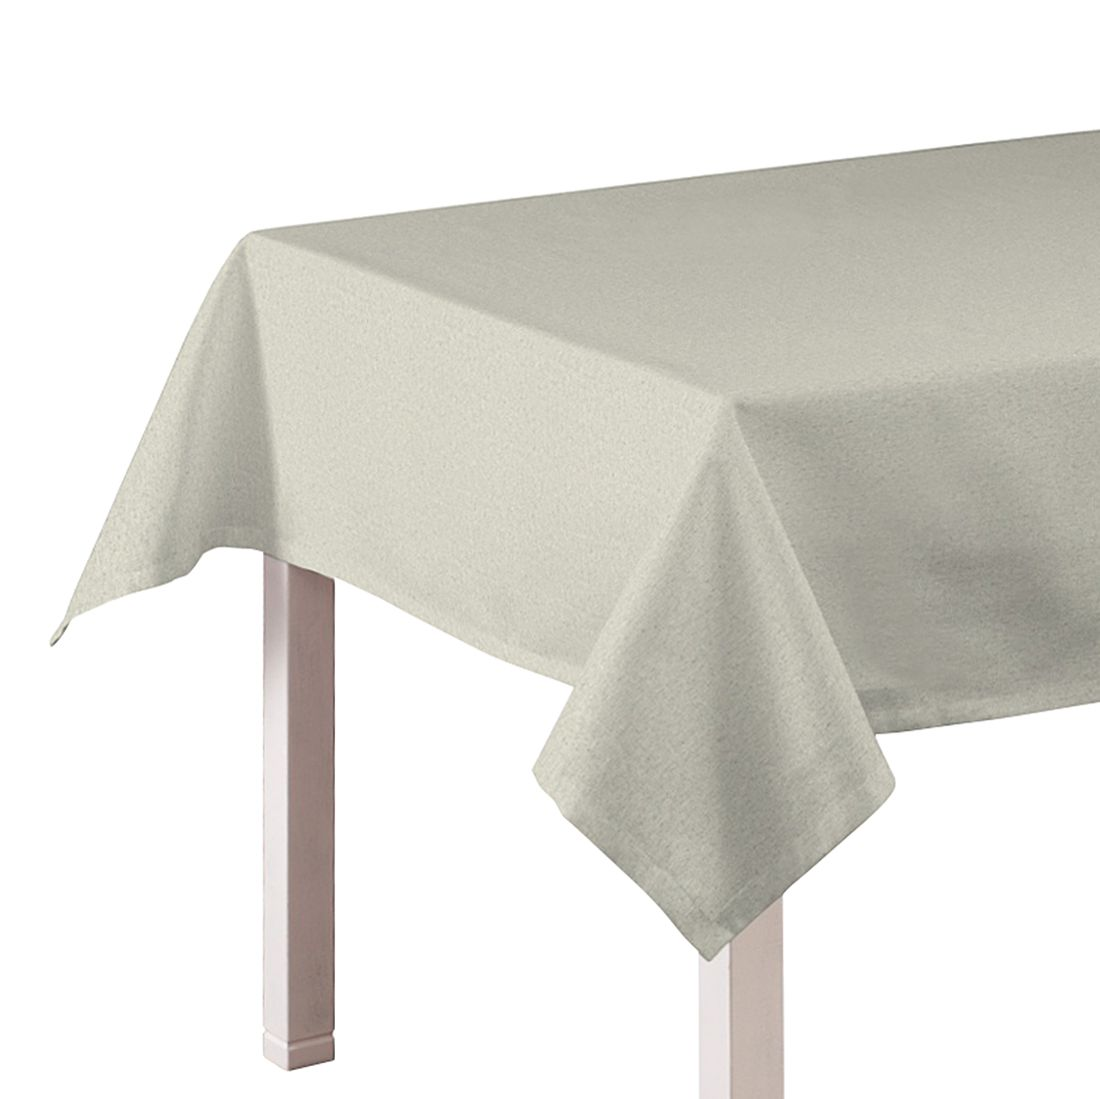 Tischdecke Loneta – Grau / Hellgrau – 130 x 160 cm, Dekoria jetzt kaufen